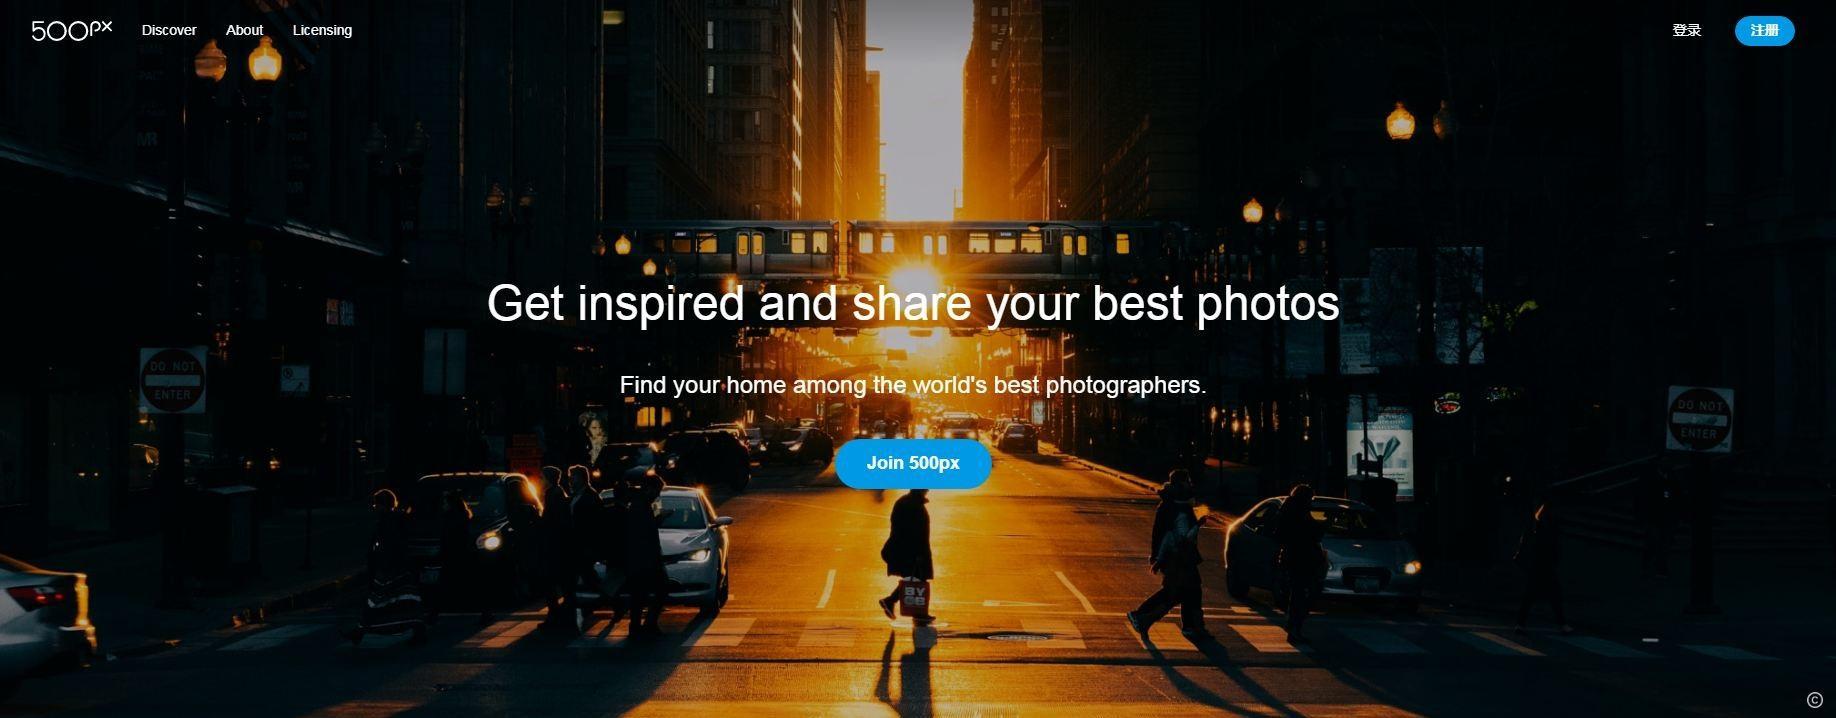 微信公众号图片不清晰,有什么解决方法?